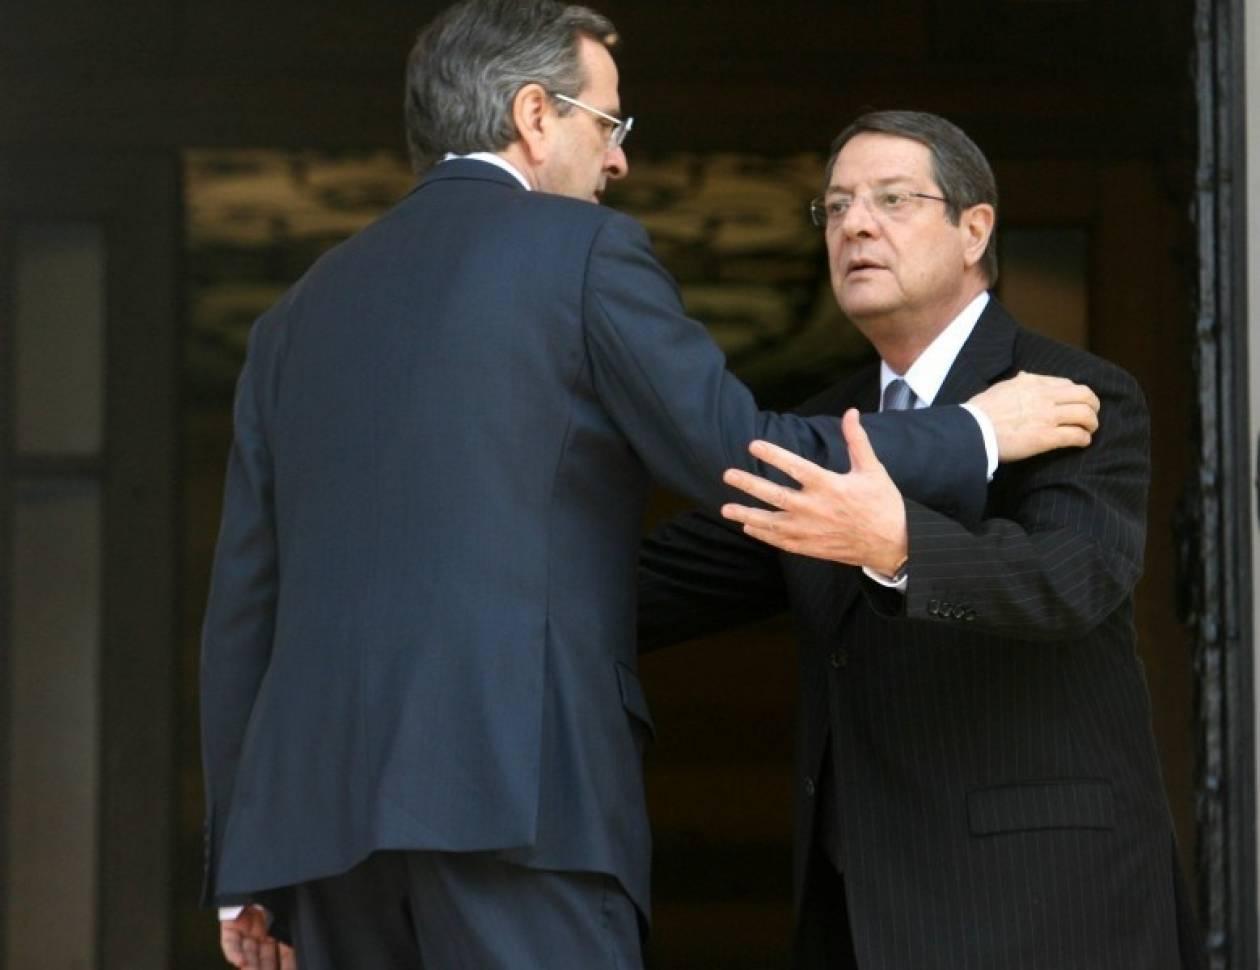 Κυπριακό: Το «Ναι» της Ελλάδας προσδοκά ο Αναστασιάδης